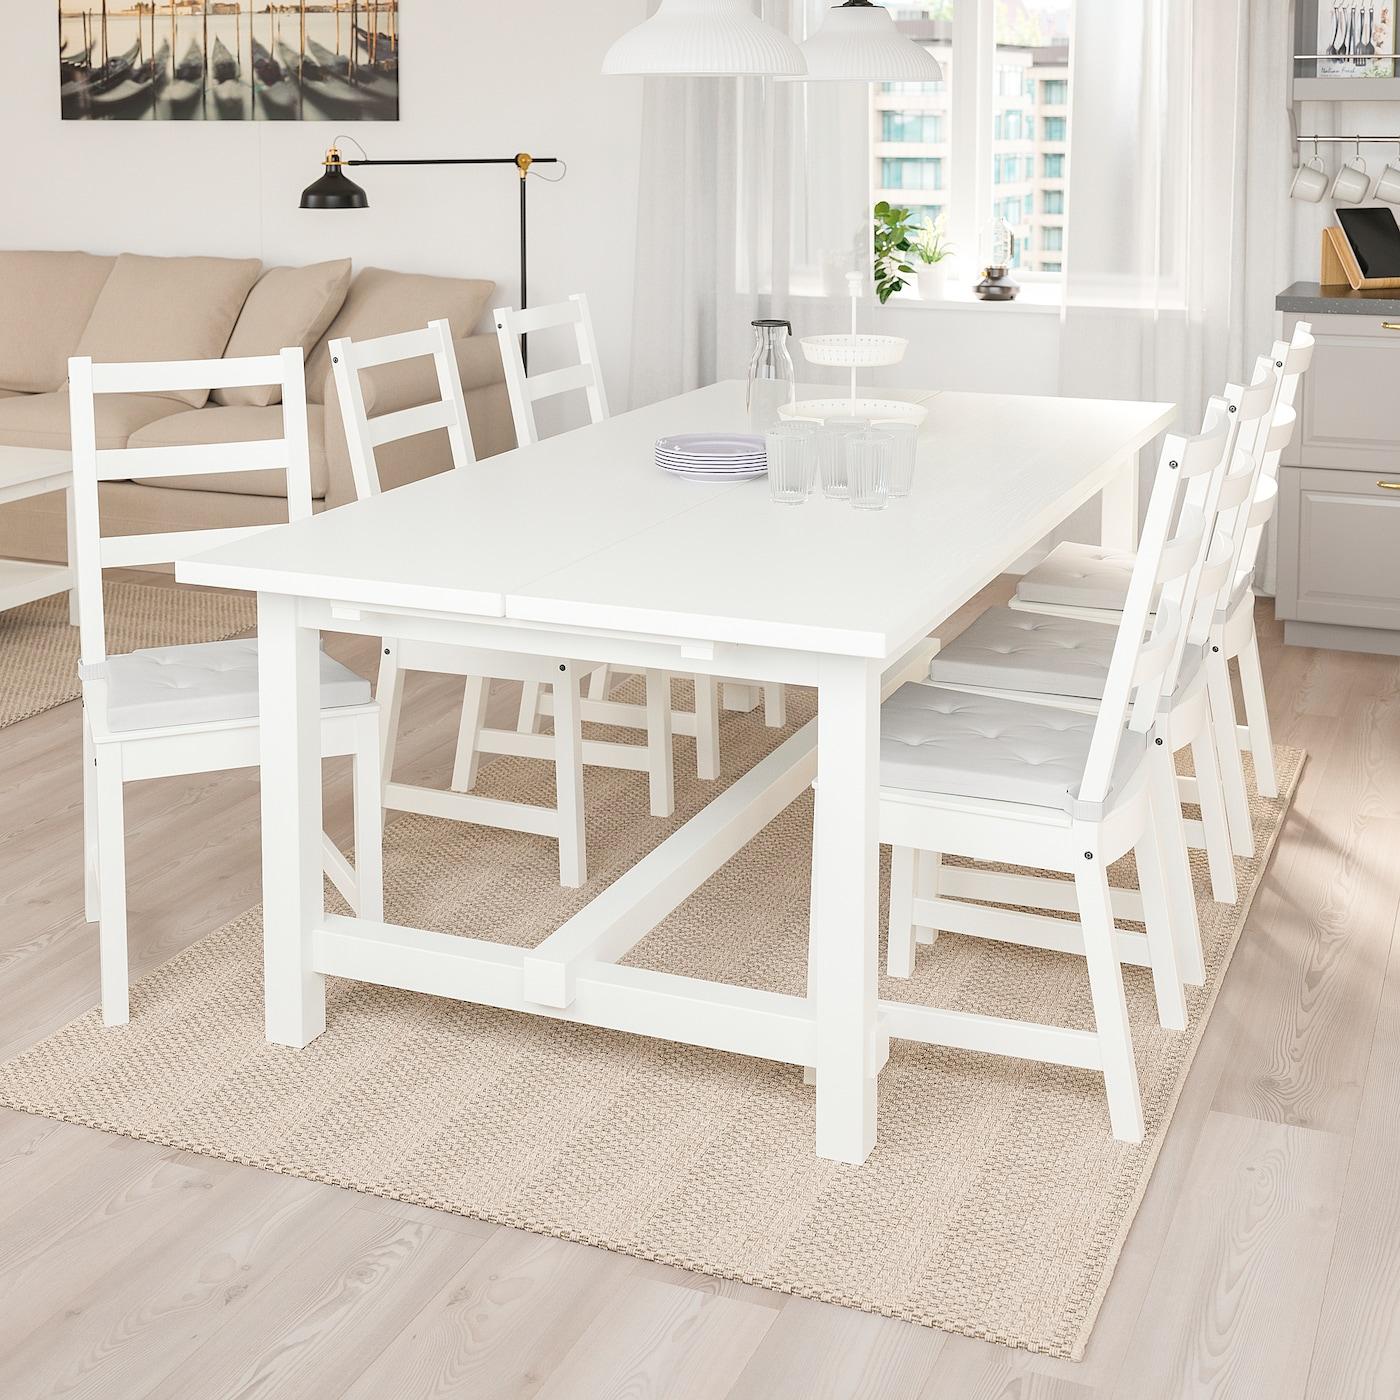 Nordviken Tavolo Allungabile Bianco Ottieni Tutti I Dettagli Del Prodotto Ikea It